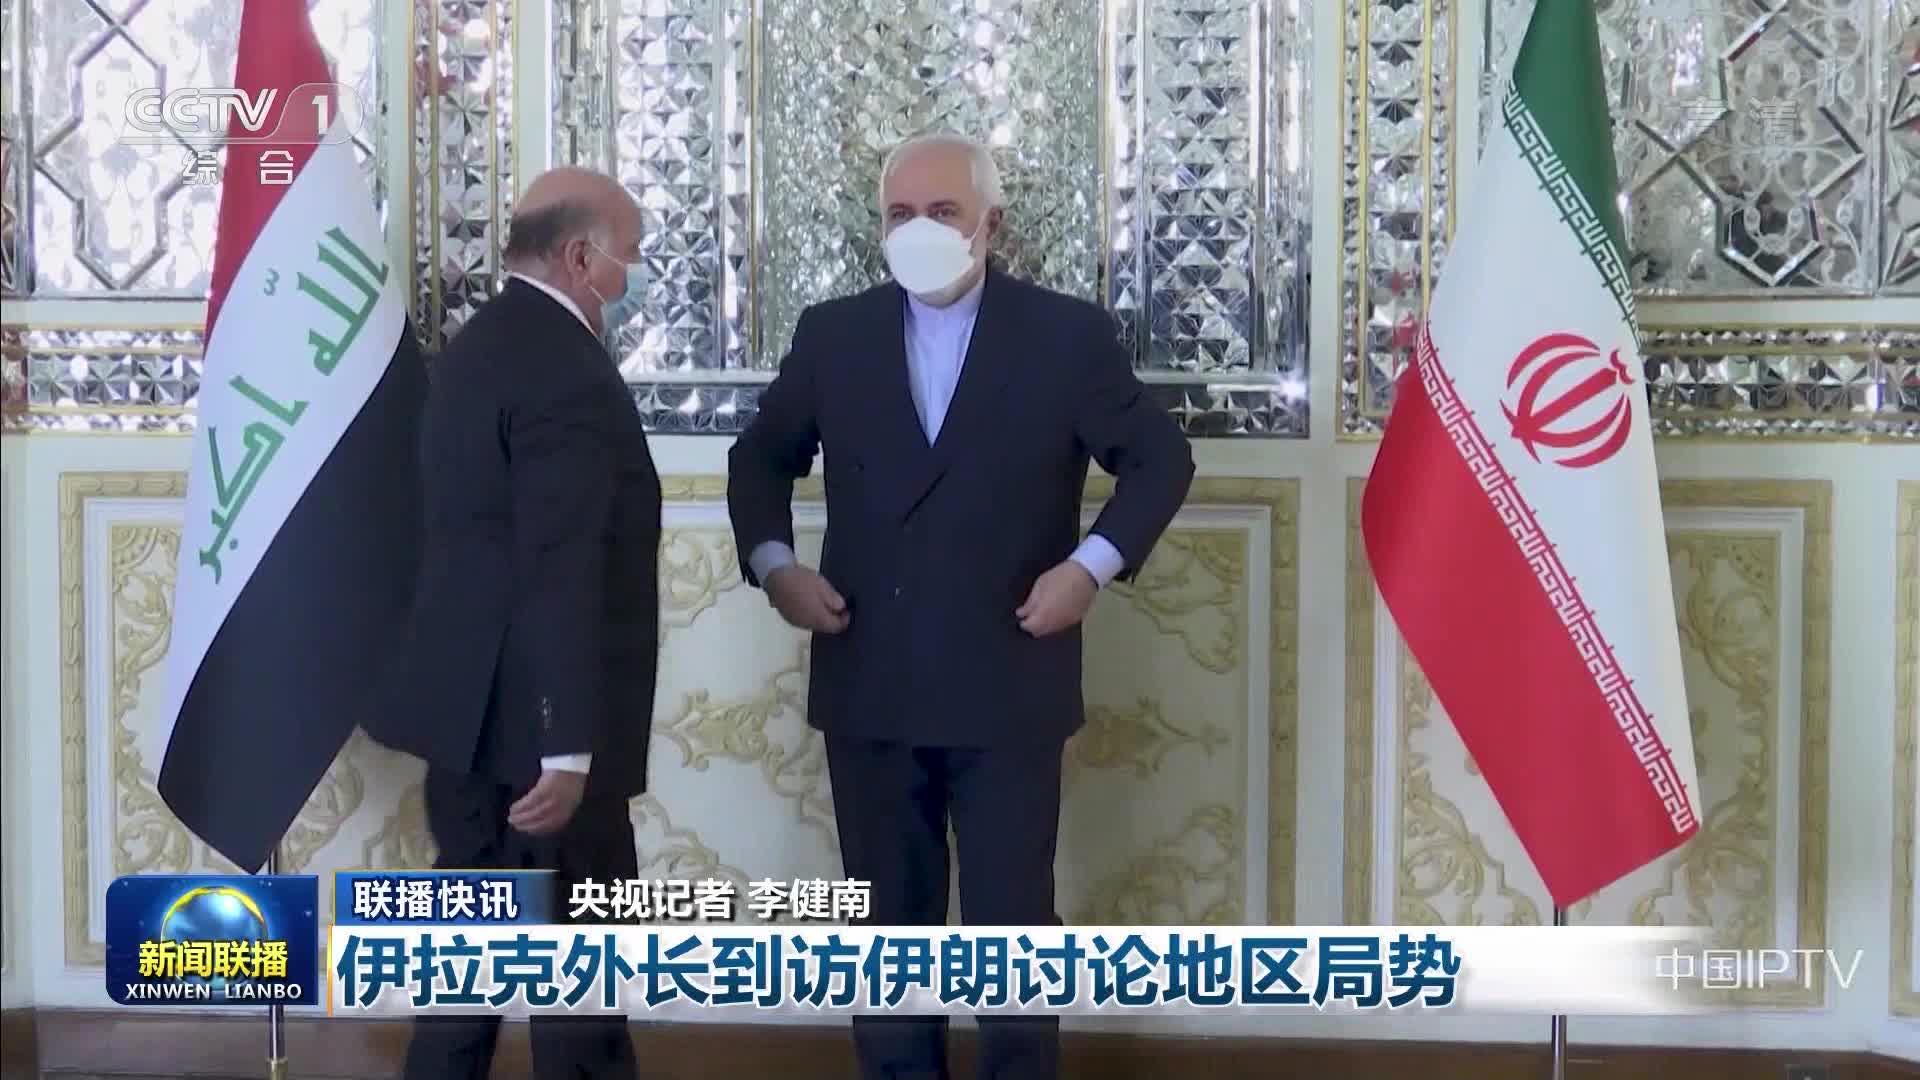 【联播快讯】伊拉克外长到访伊朗讨论地区局势